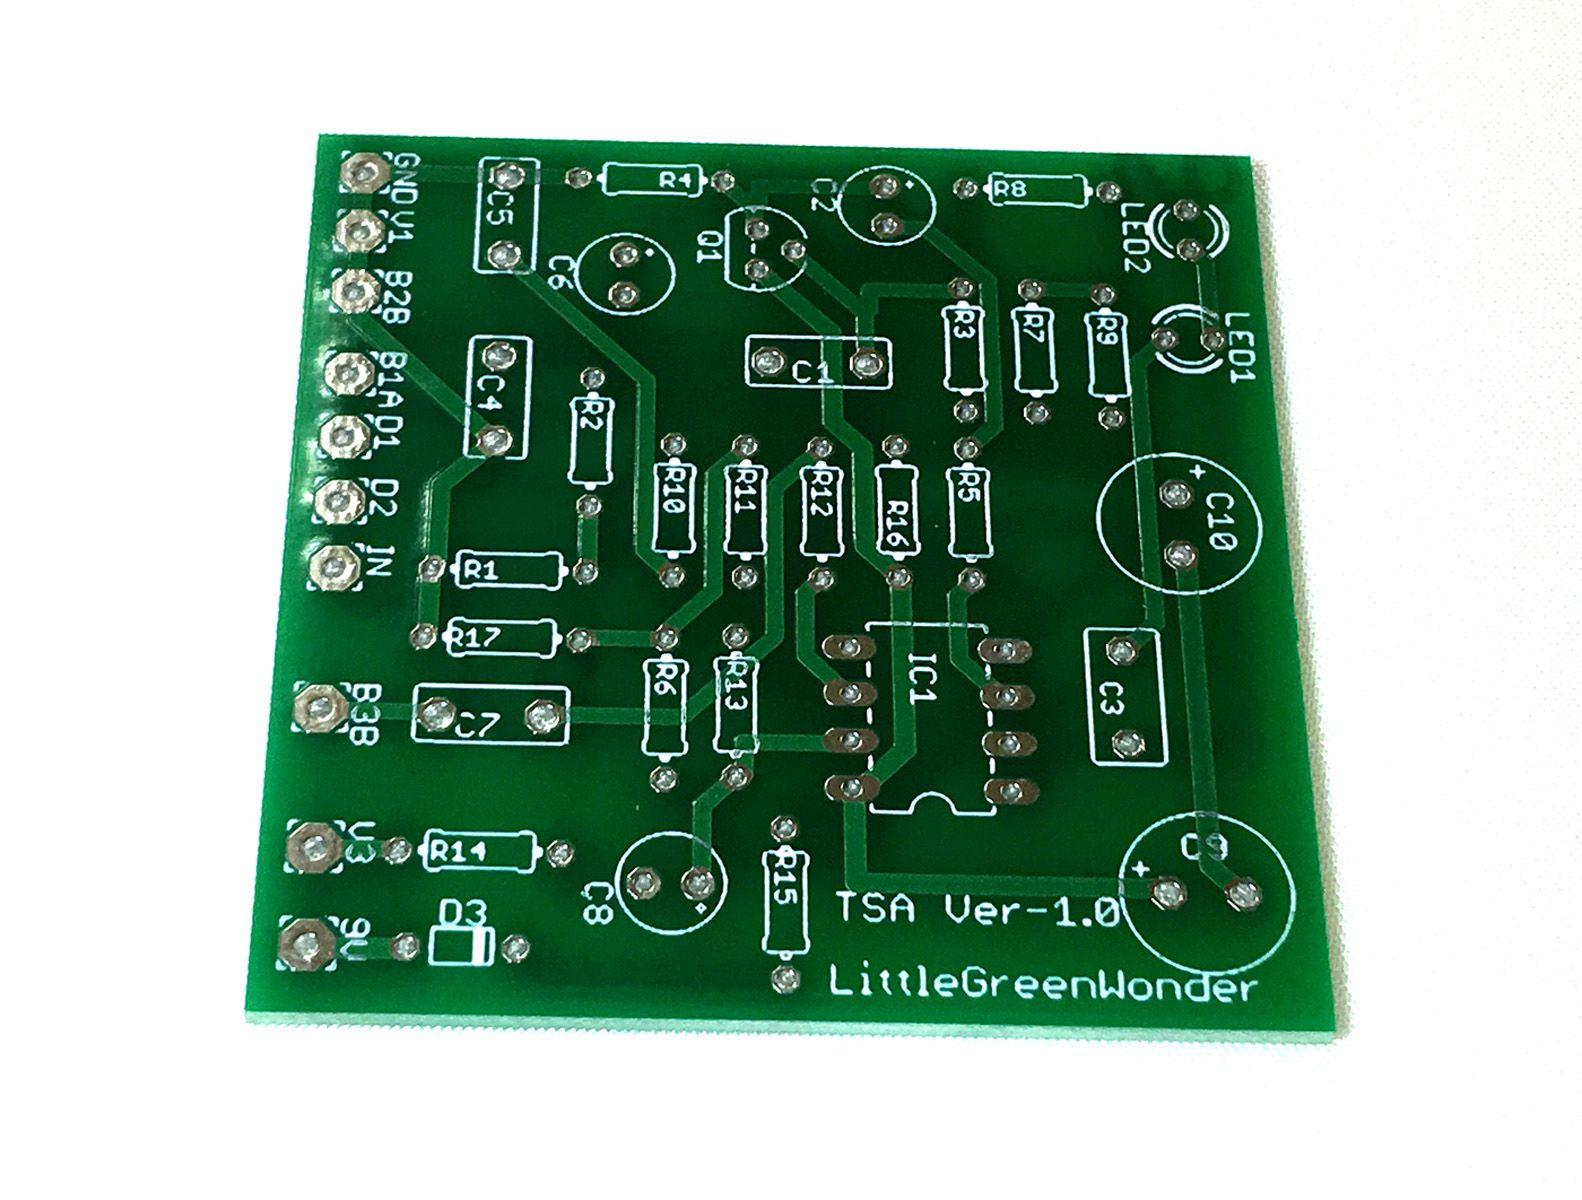 【メール便なら送料無料】Little Green Wonder風 オーバードライブギターエフェクターペダル 自作用基盤